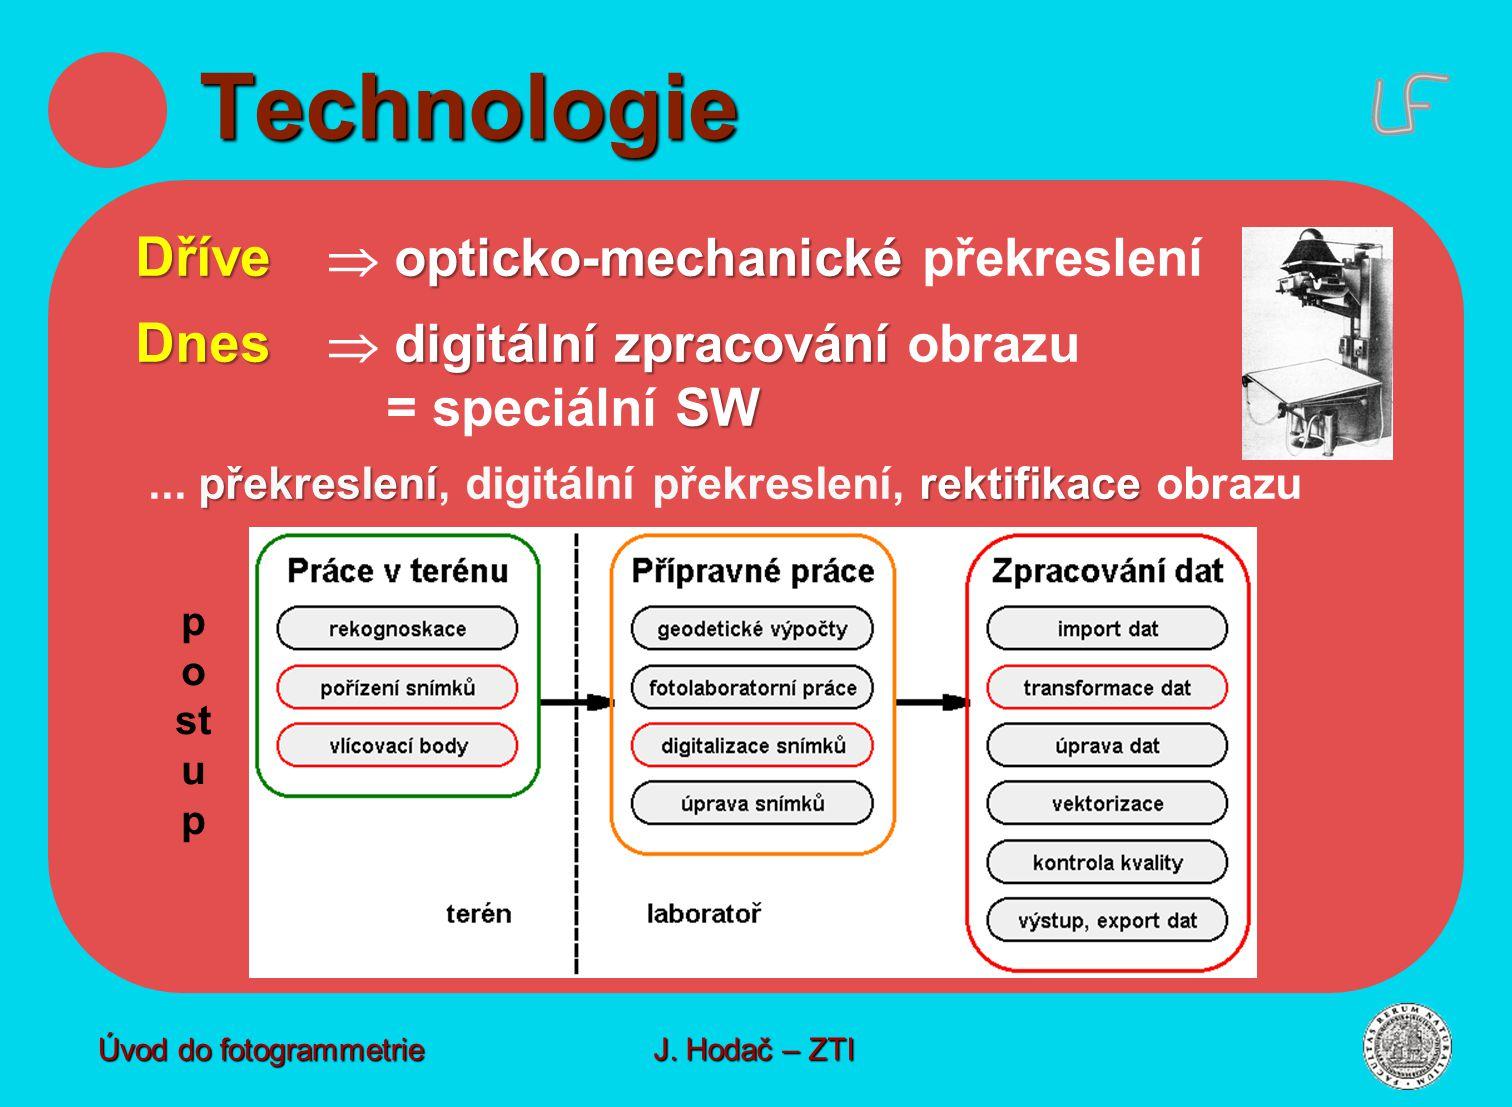 Dnes digitální zpracování SW Dnes  digitální zpracování obrazu = speciální SW překreslenírektifikace... překreslení, digitální překreslení, rektifika